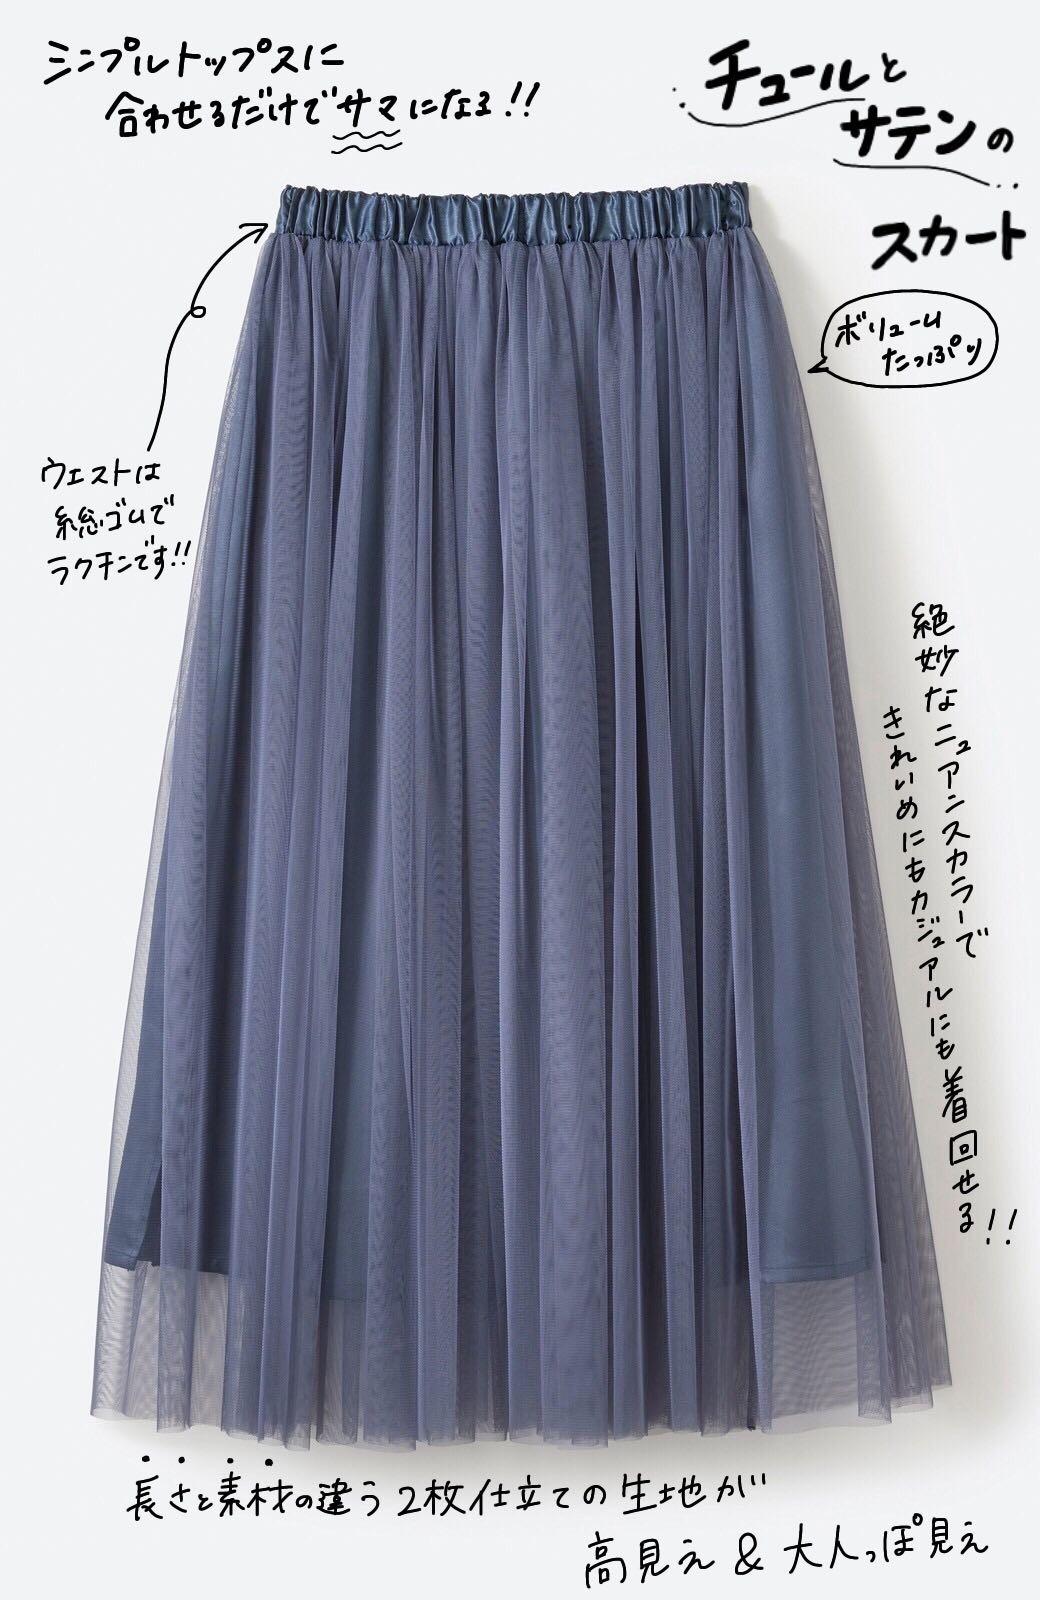 haco! 着るだけでルンとした気分になる! 長ーーい季節着られてずっと使えるオトナのためのチュールスカート <ネイビー>の商品写真3